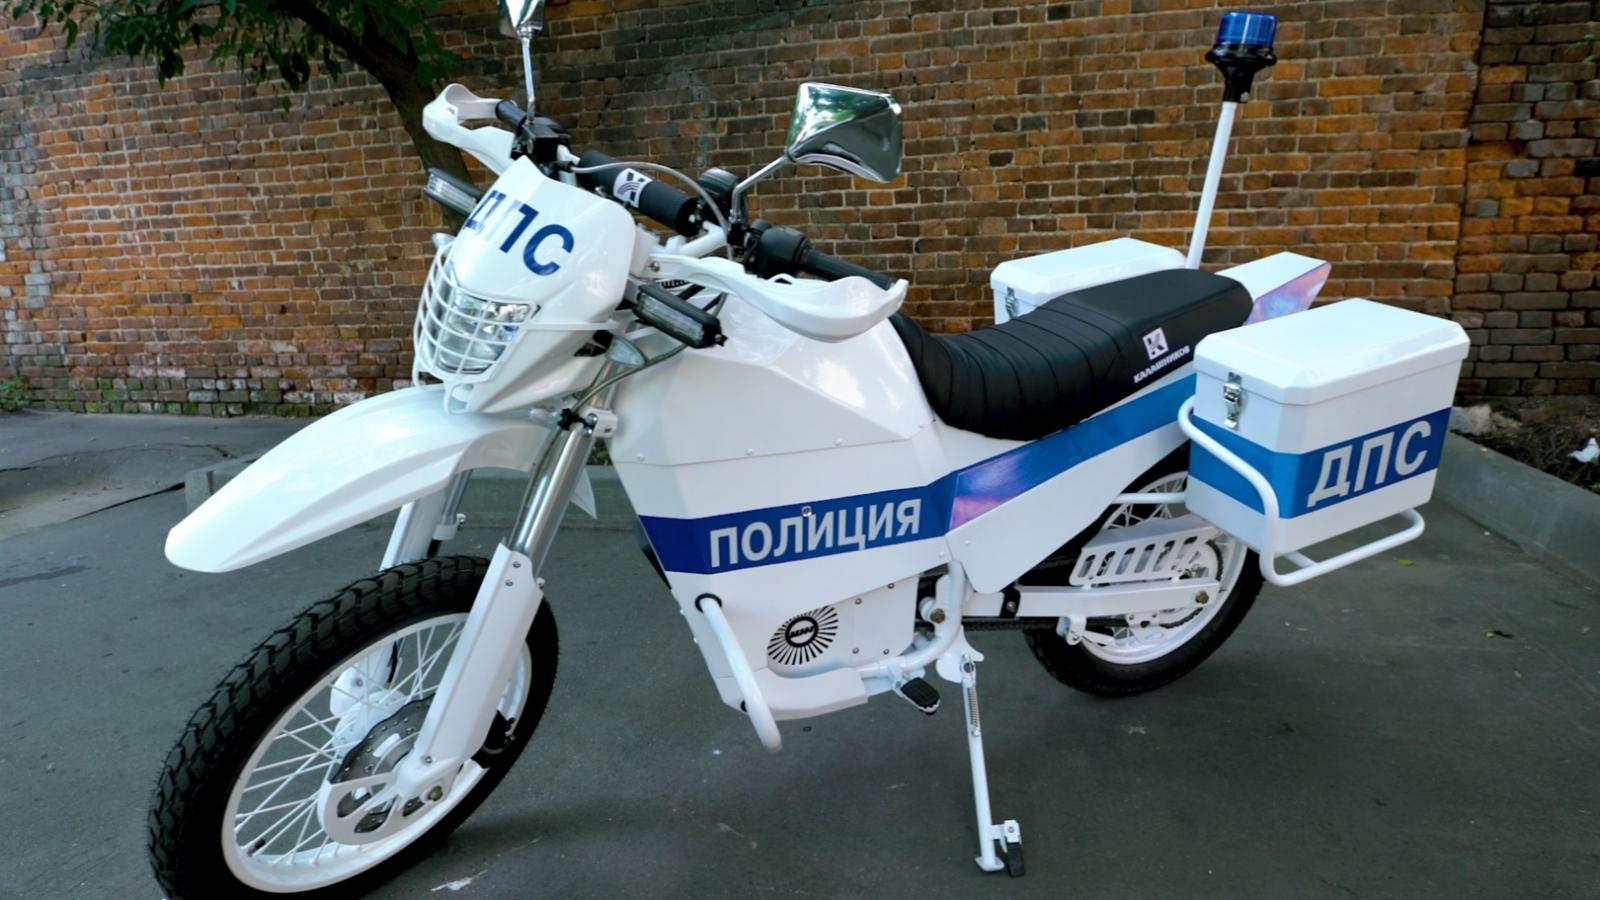 Kalashnikov electric bike